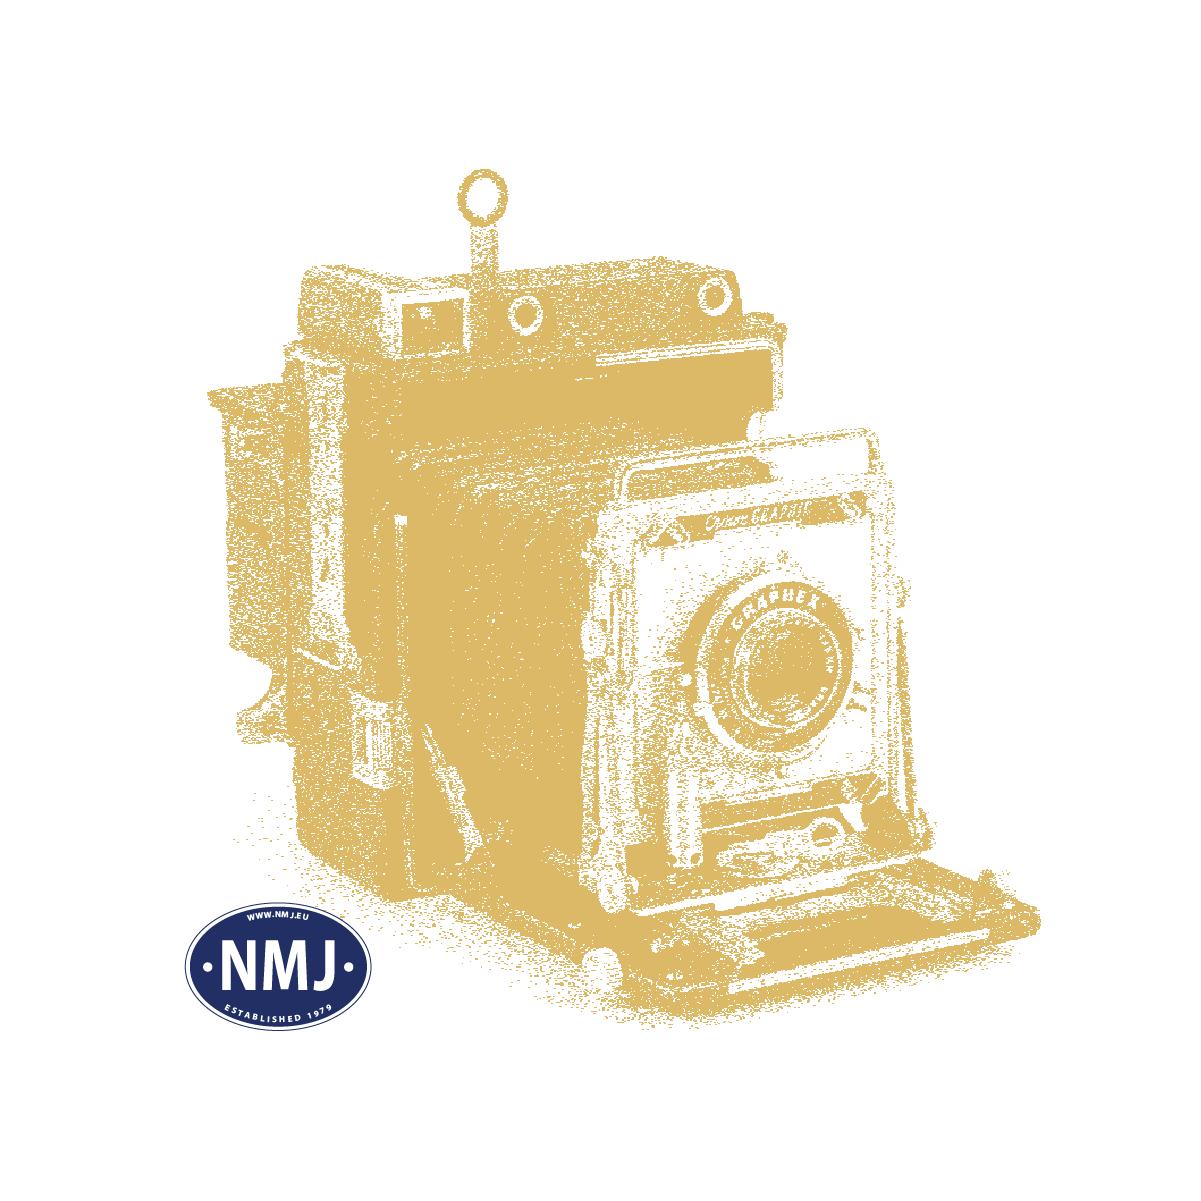 MBR51-4304 - Pine Sommer, 18-22 cm ,H0